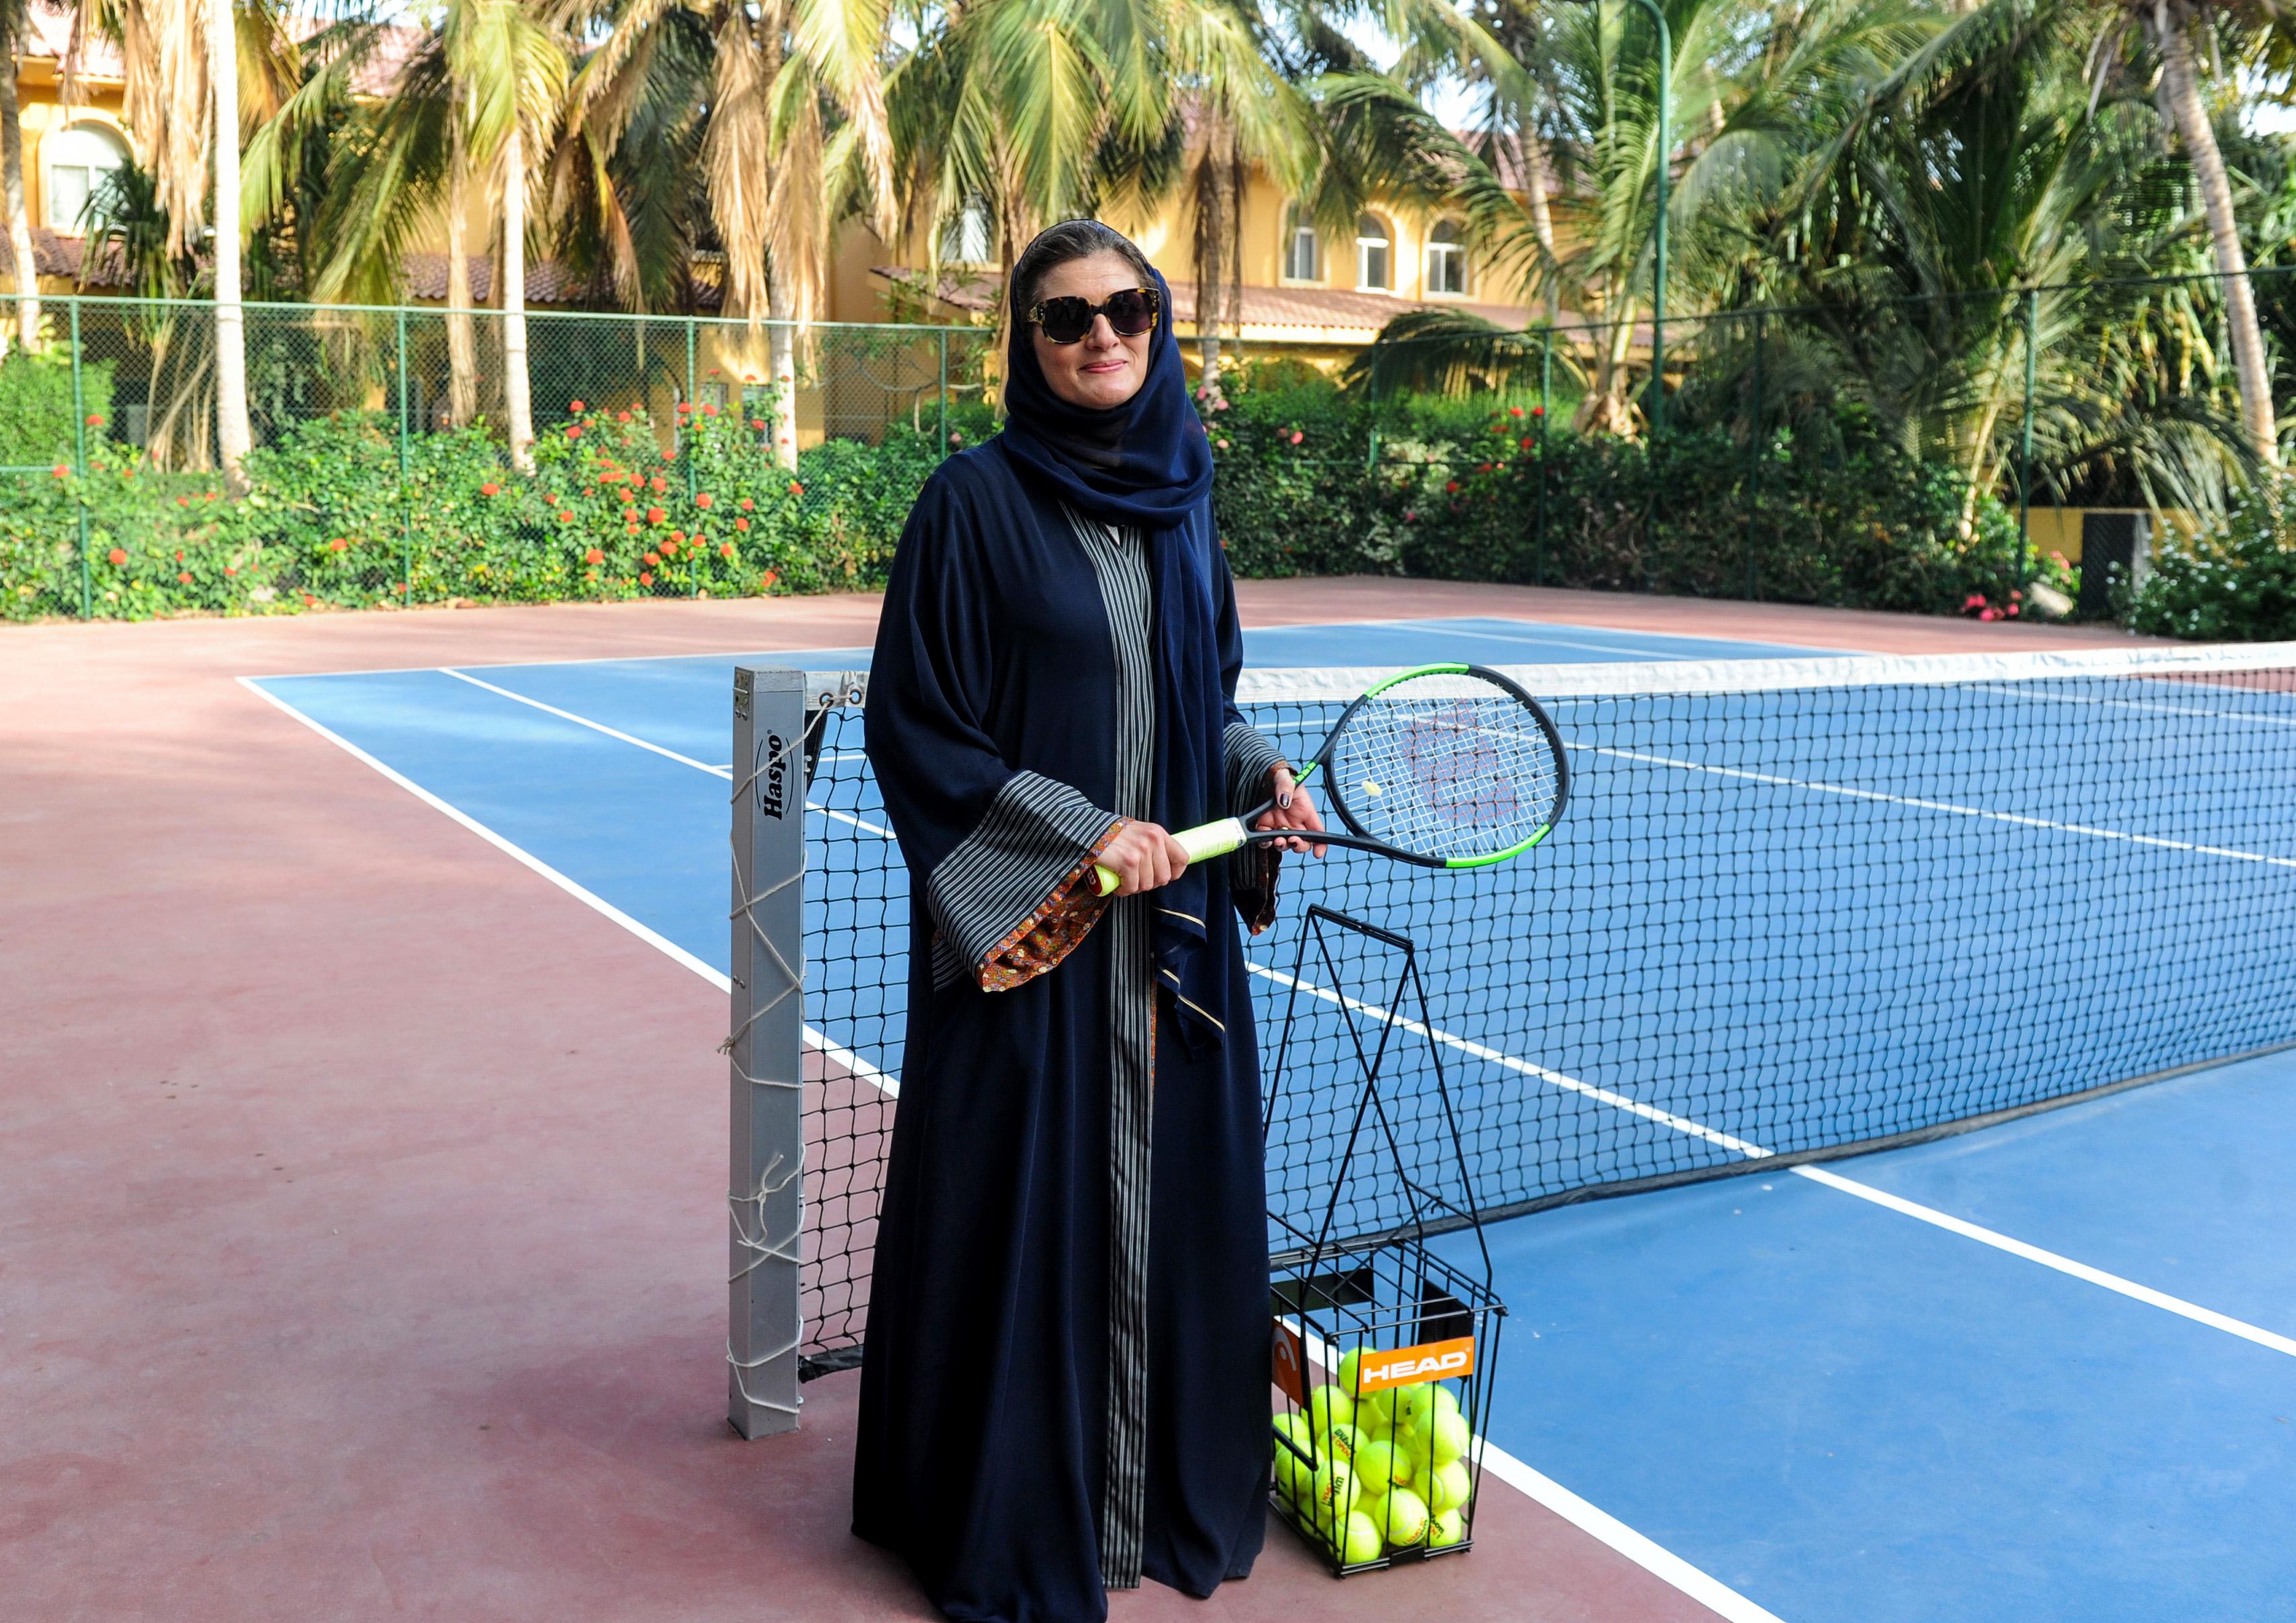 Már szállodai szobát is foglalhatnak a nők Szaúd-Arábiában